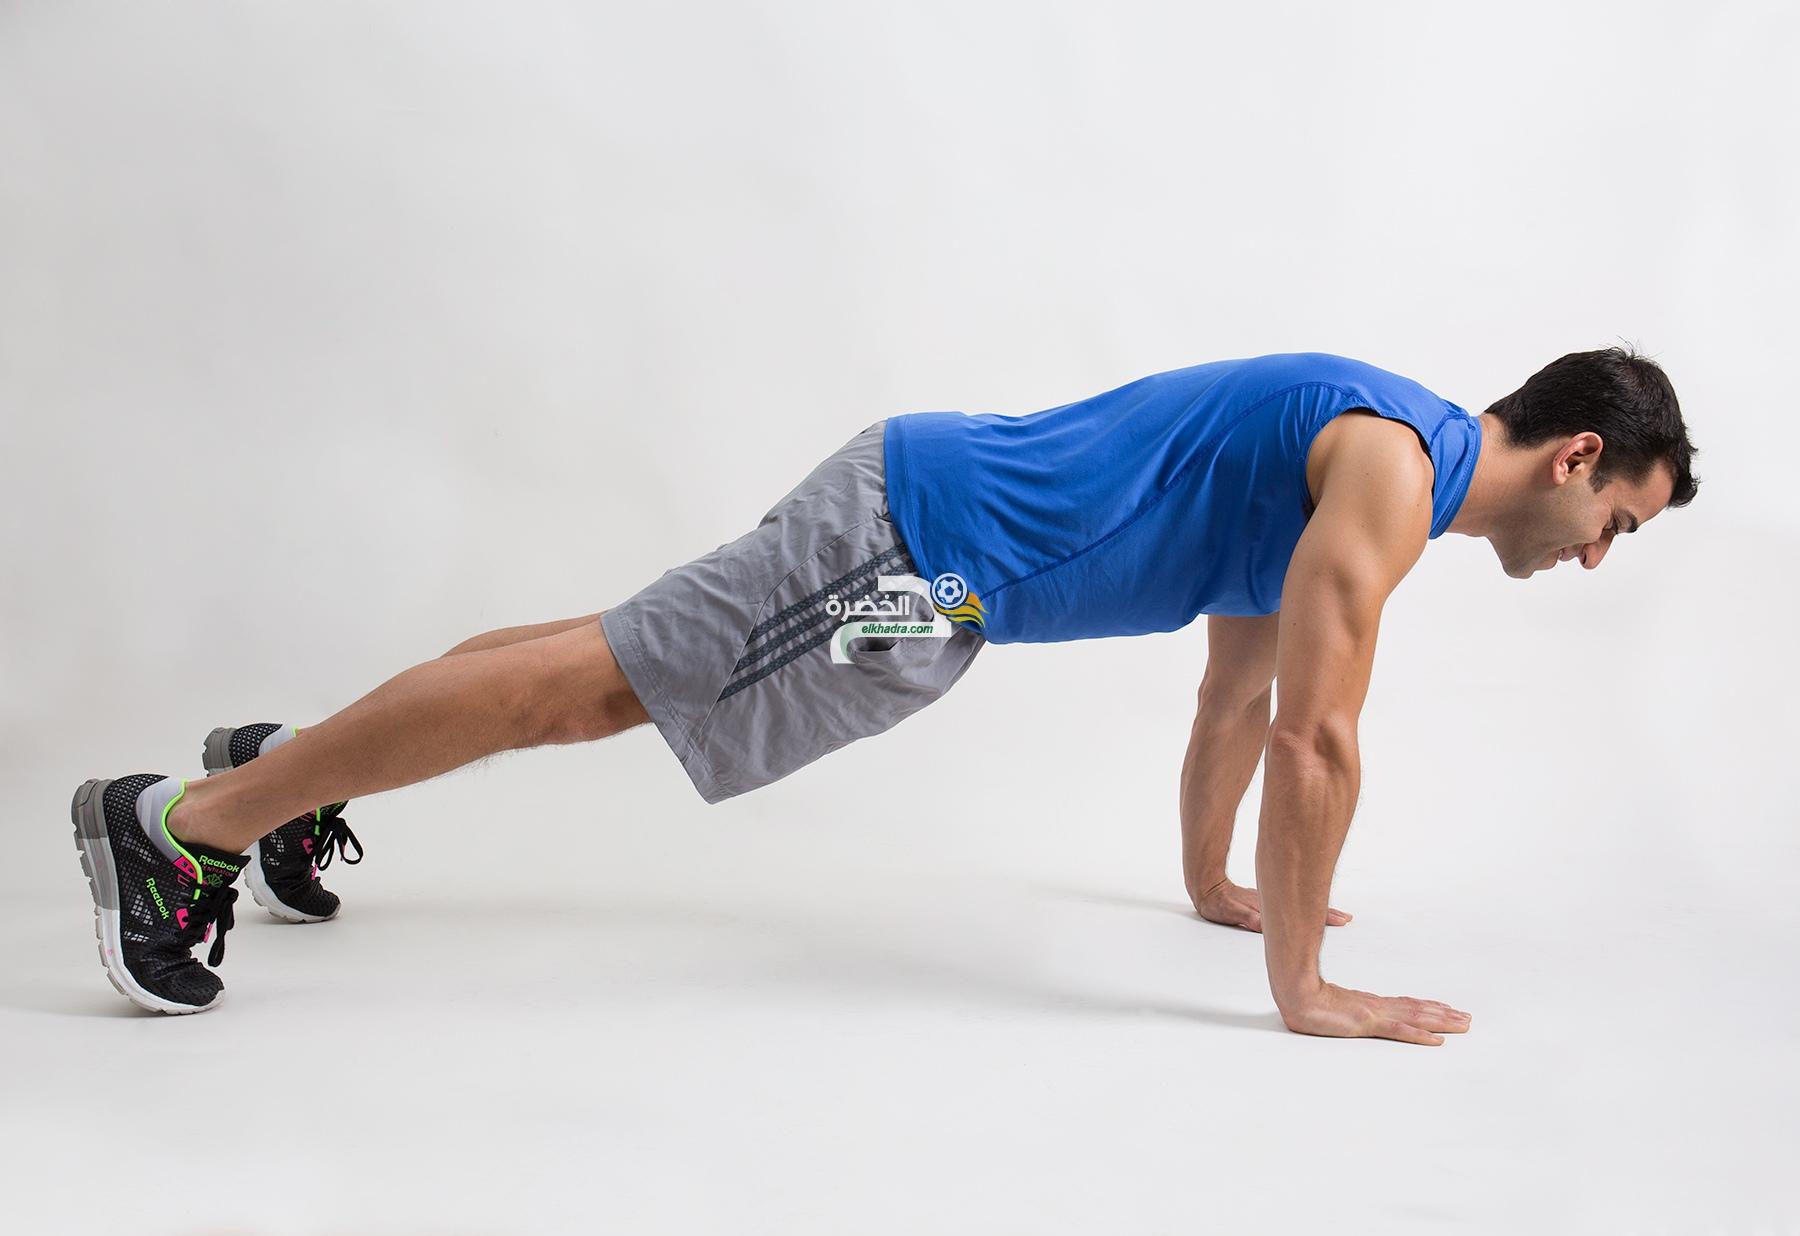 تمارين الضغط Pompes يوميا تفيد في تقوية عضلات الصدر؟ 25